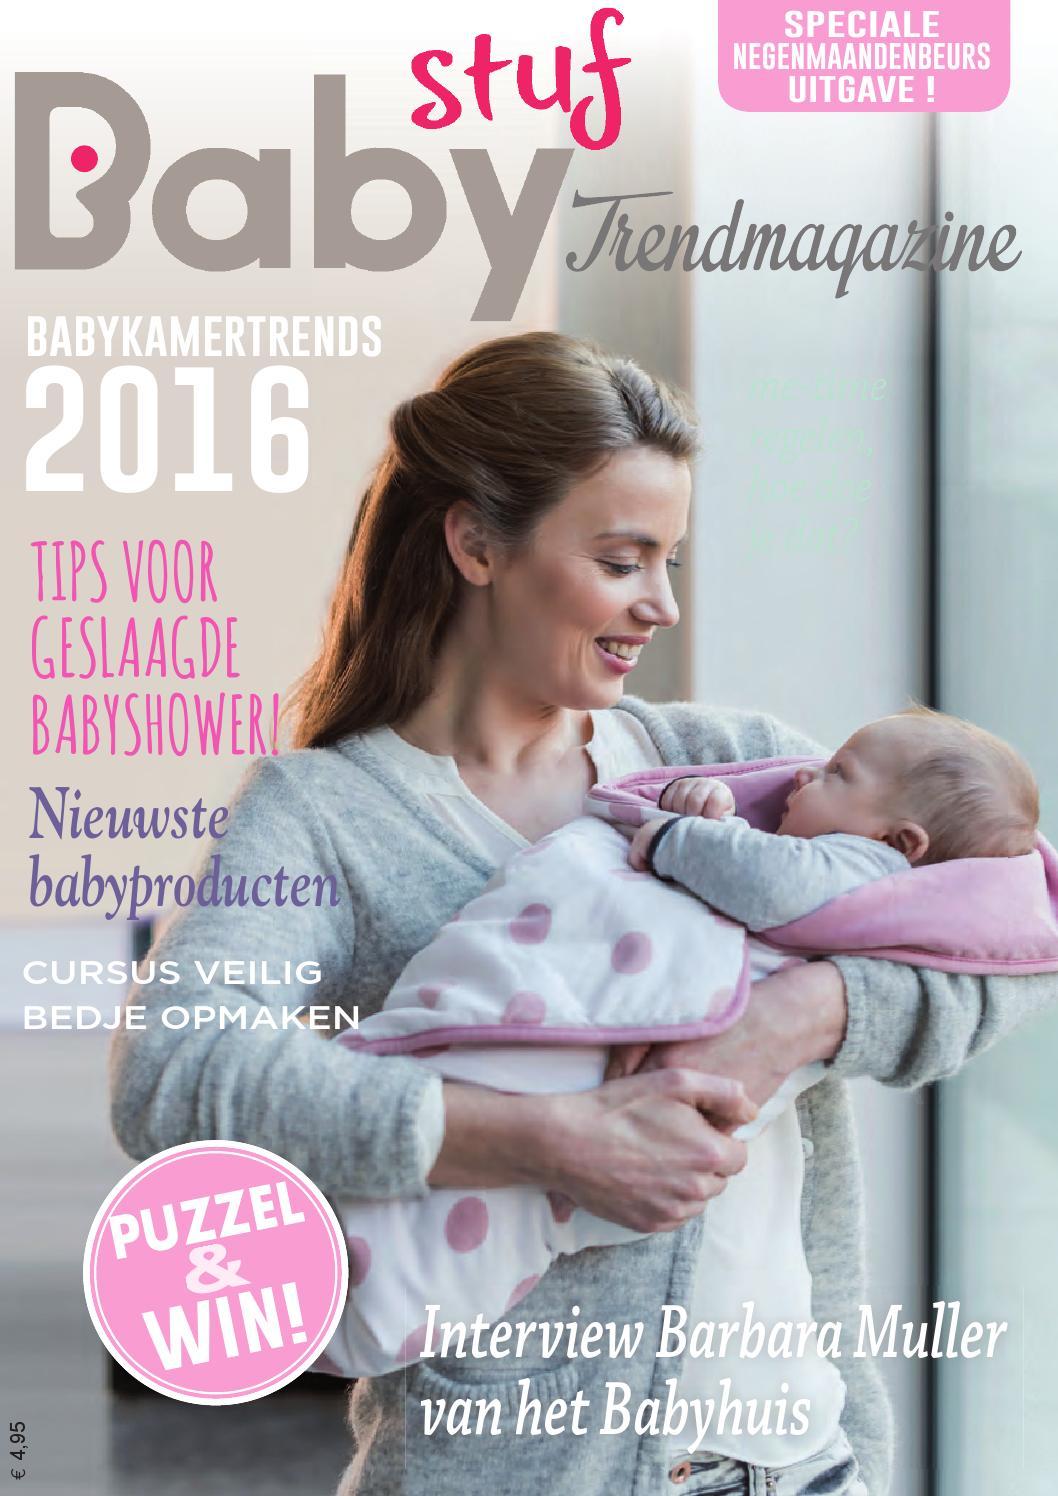 Babystuf trendmagazine 2014 by babystuf   issuu